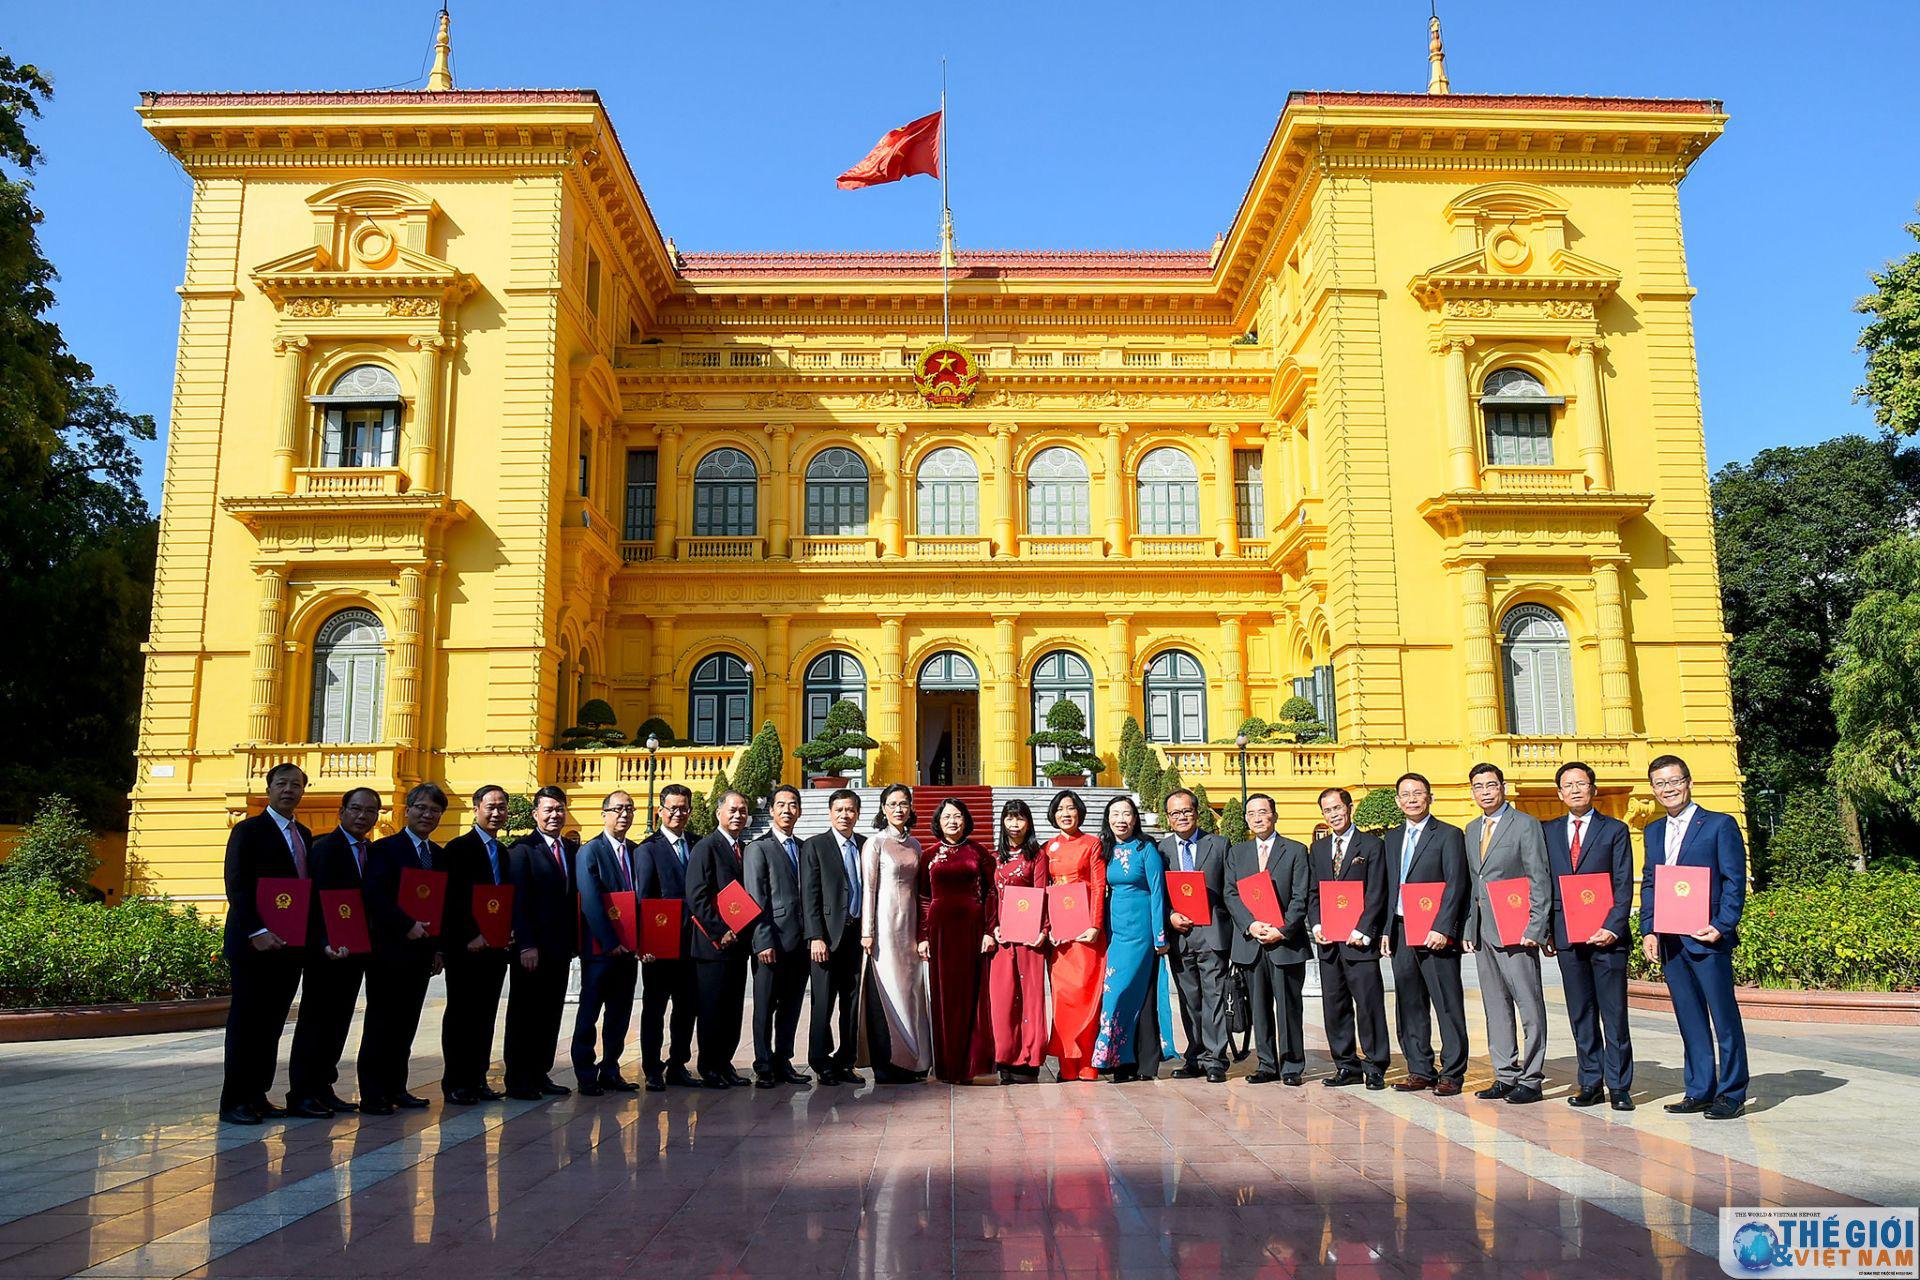 Trao Quyết định của Chủ tịch nước cho các tân Đại sứ nhiệm kỳ 2019-2022 - Ảnh 1.